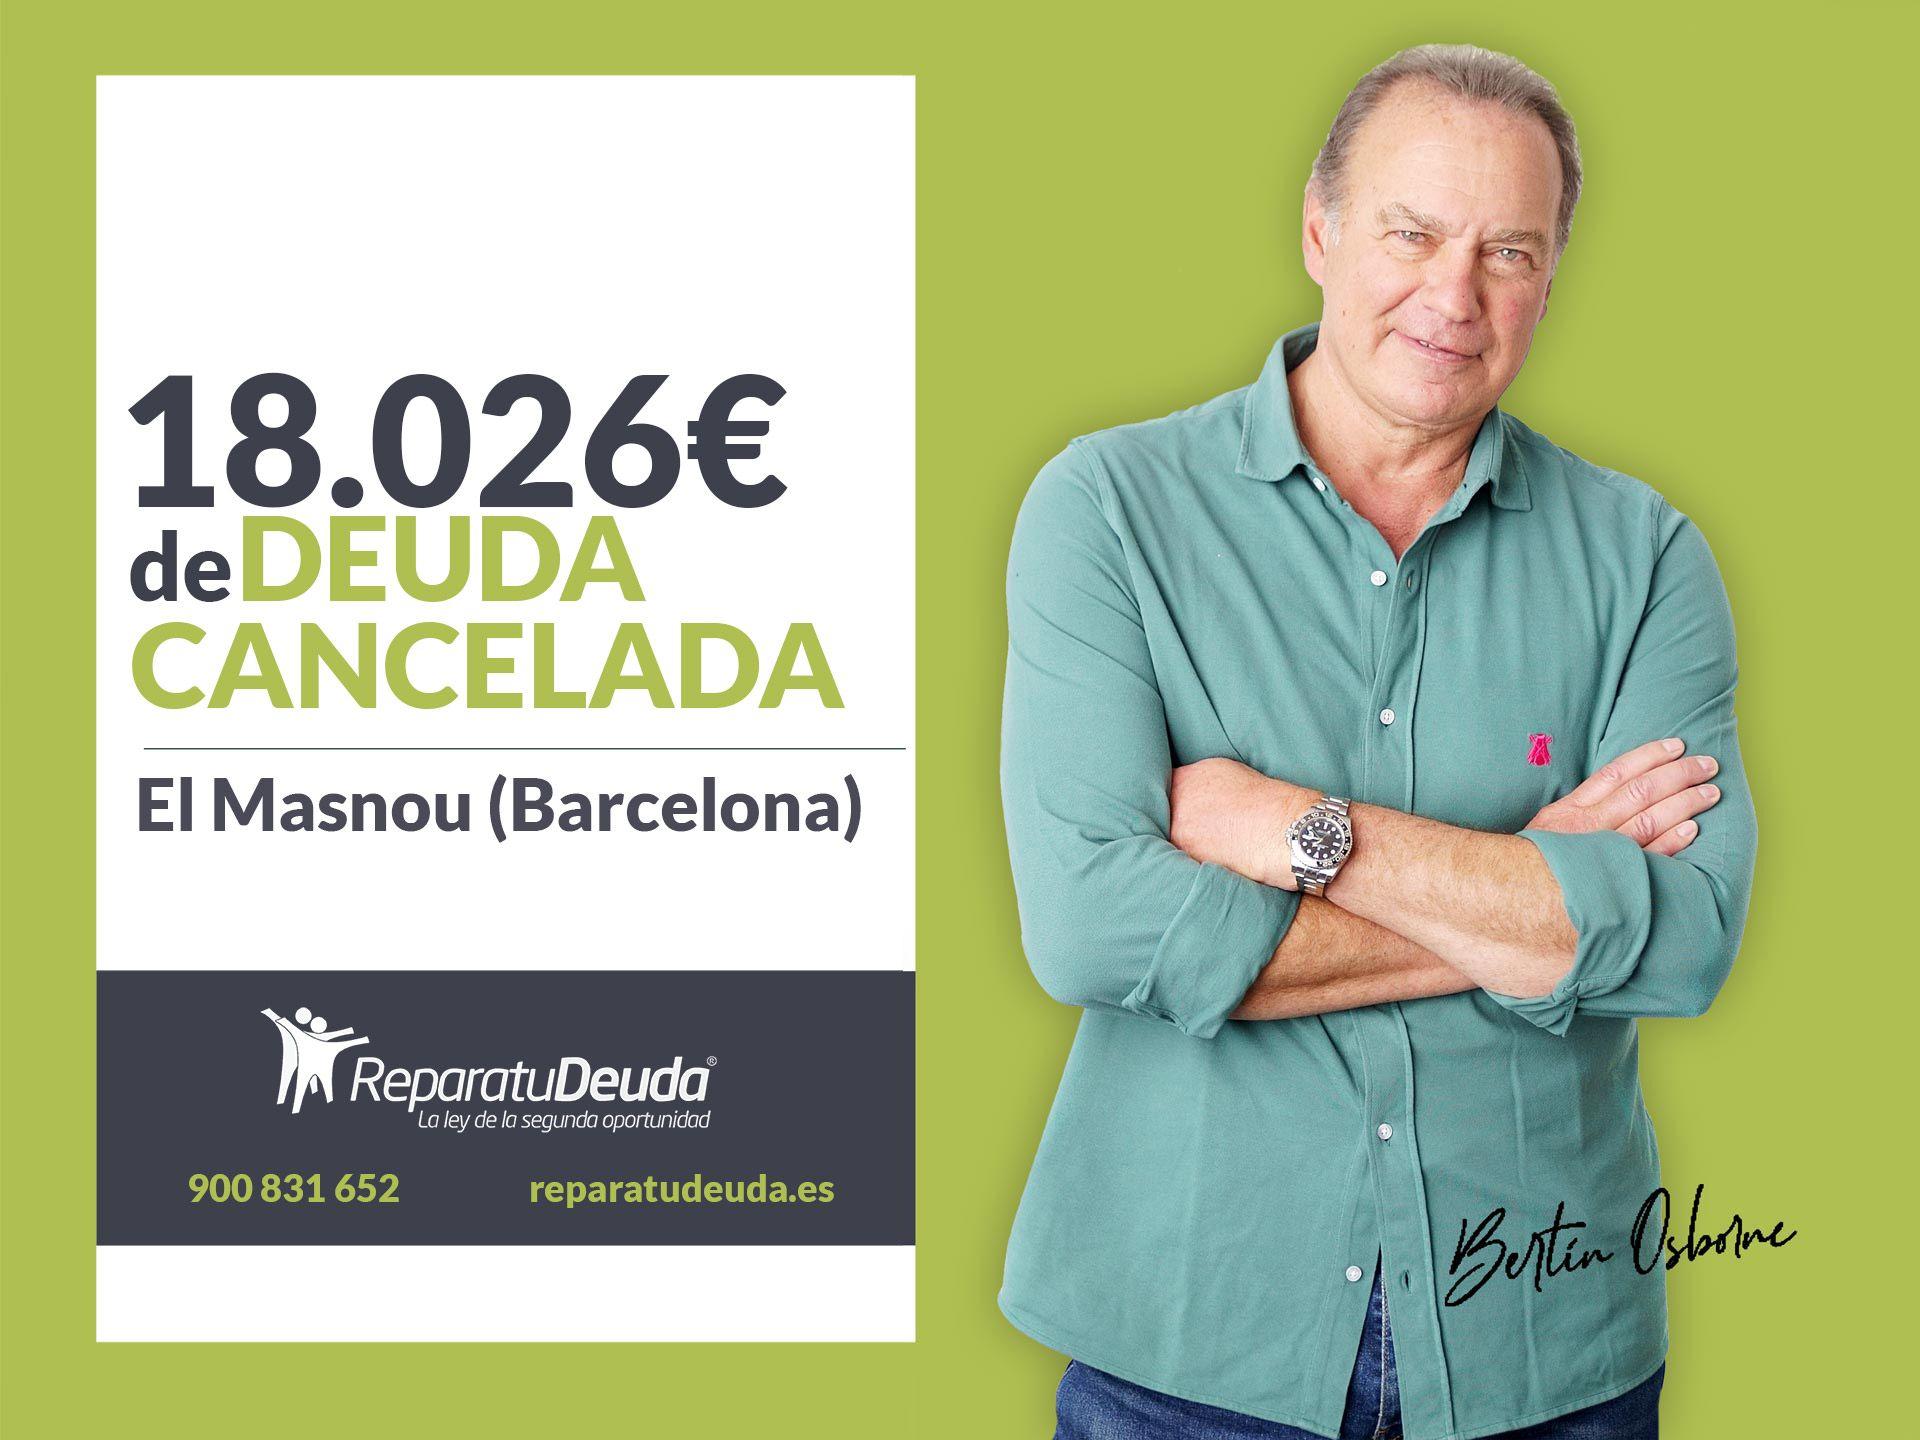 Repara tu Deuda Abogados cancela 18.026 ? en El Masnou (Barcelona) con la Ley de Segunda Oportunidad